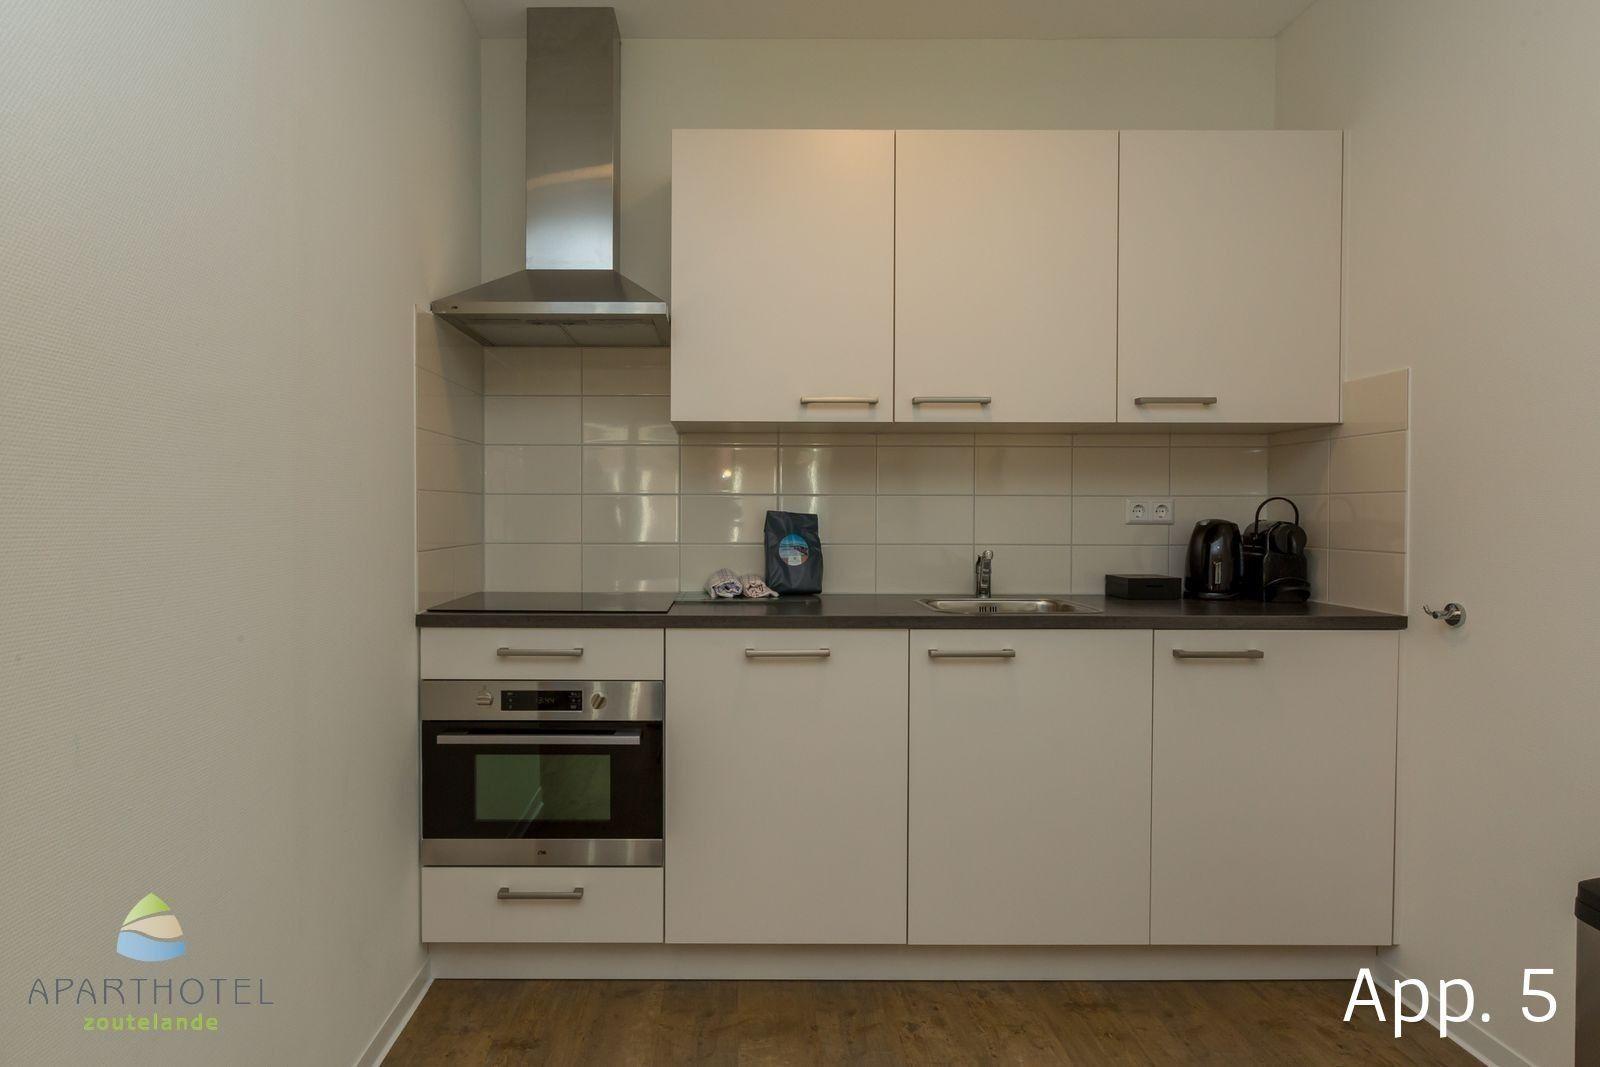 Luxuriöses Appartement für 4 Personen (Haustieren erlaubt)